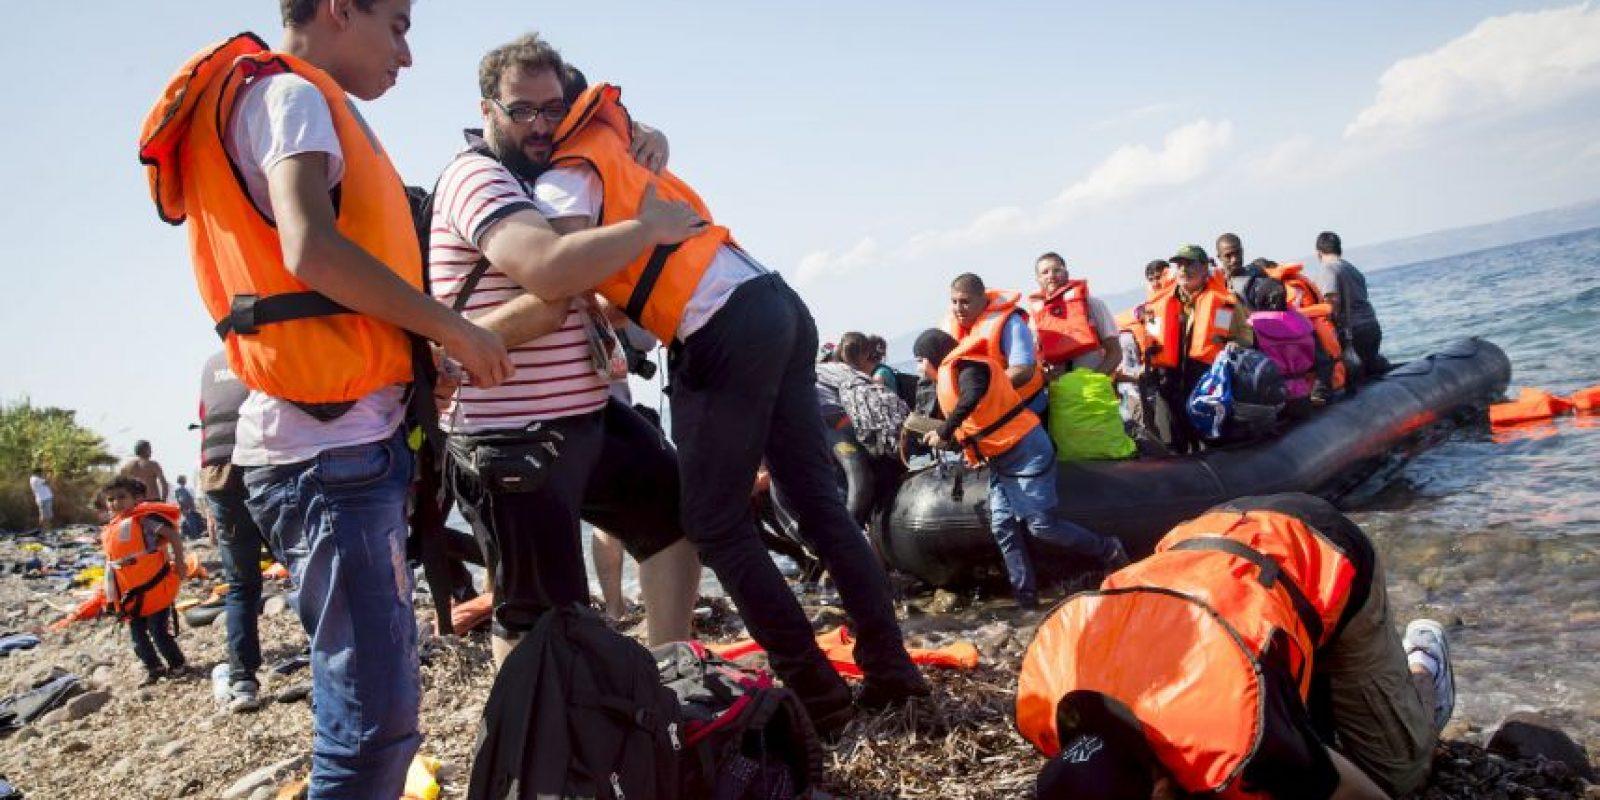 De acuerdo con el periódico español El País, desde el miércoles a este jueves han entrado aproximadamente seis mil personas den la frontera de Serbia y Croacia. Foto:Getty Images